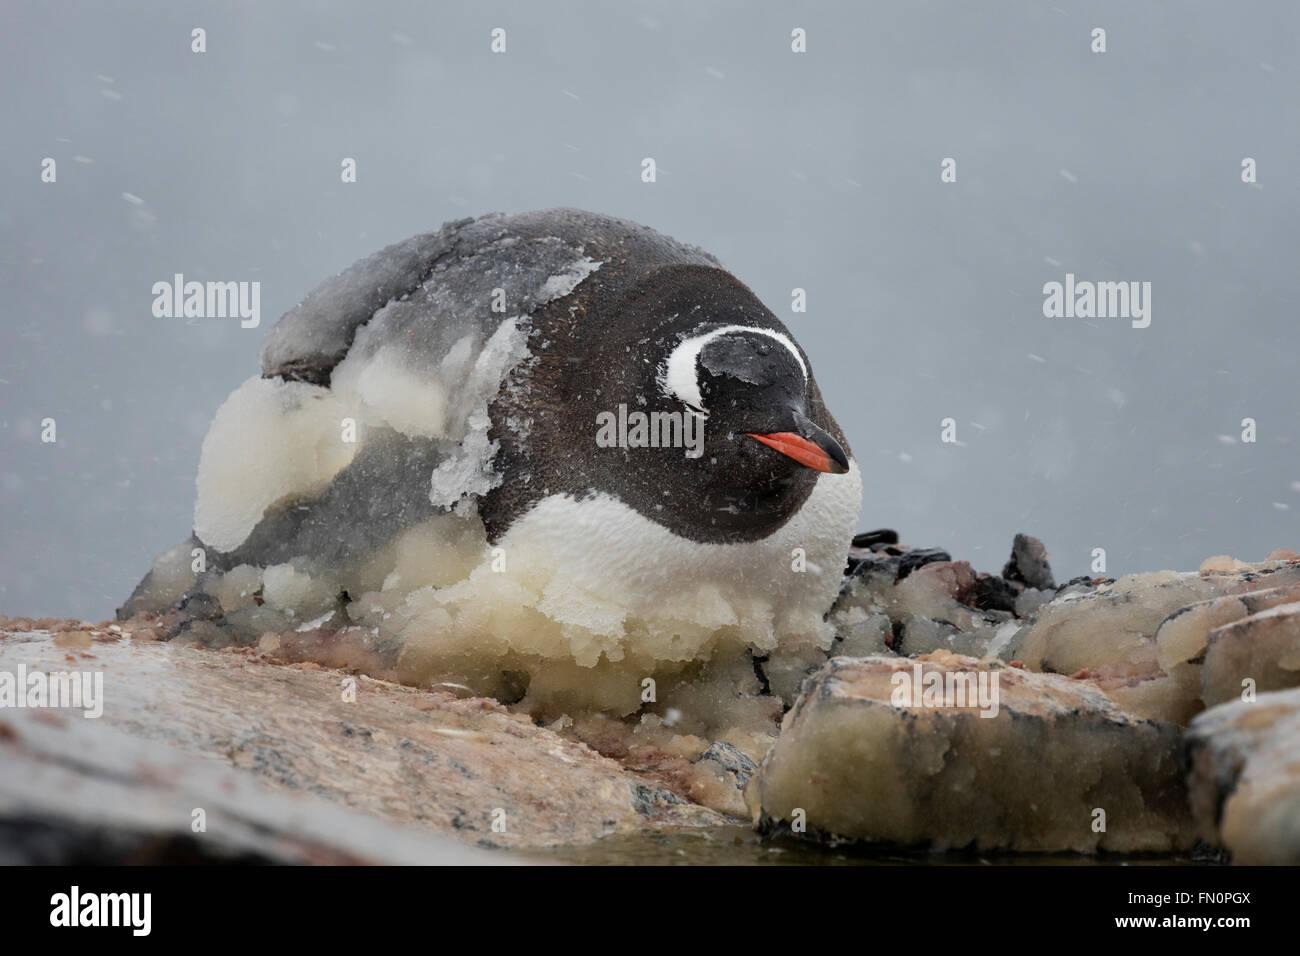 Antarktis, antarktische Halbinsel, Booth Island, Gentoo Penguin auf Nest, liegend mit Eis bedeckt Stockbild